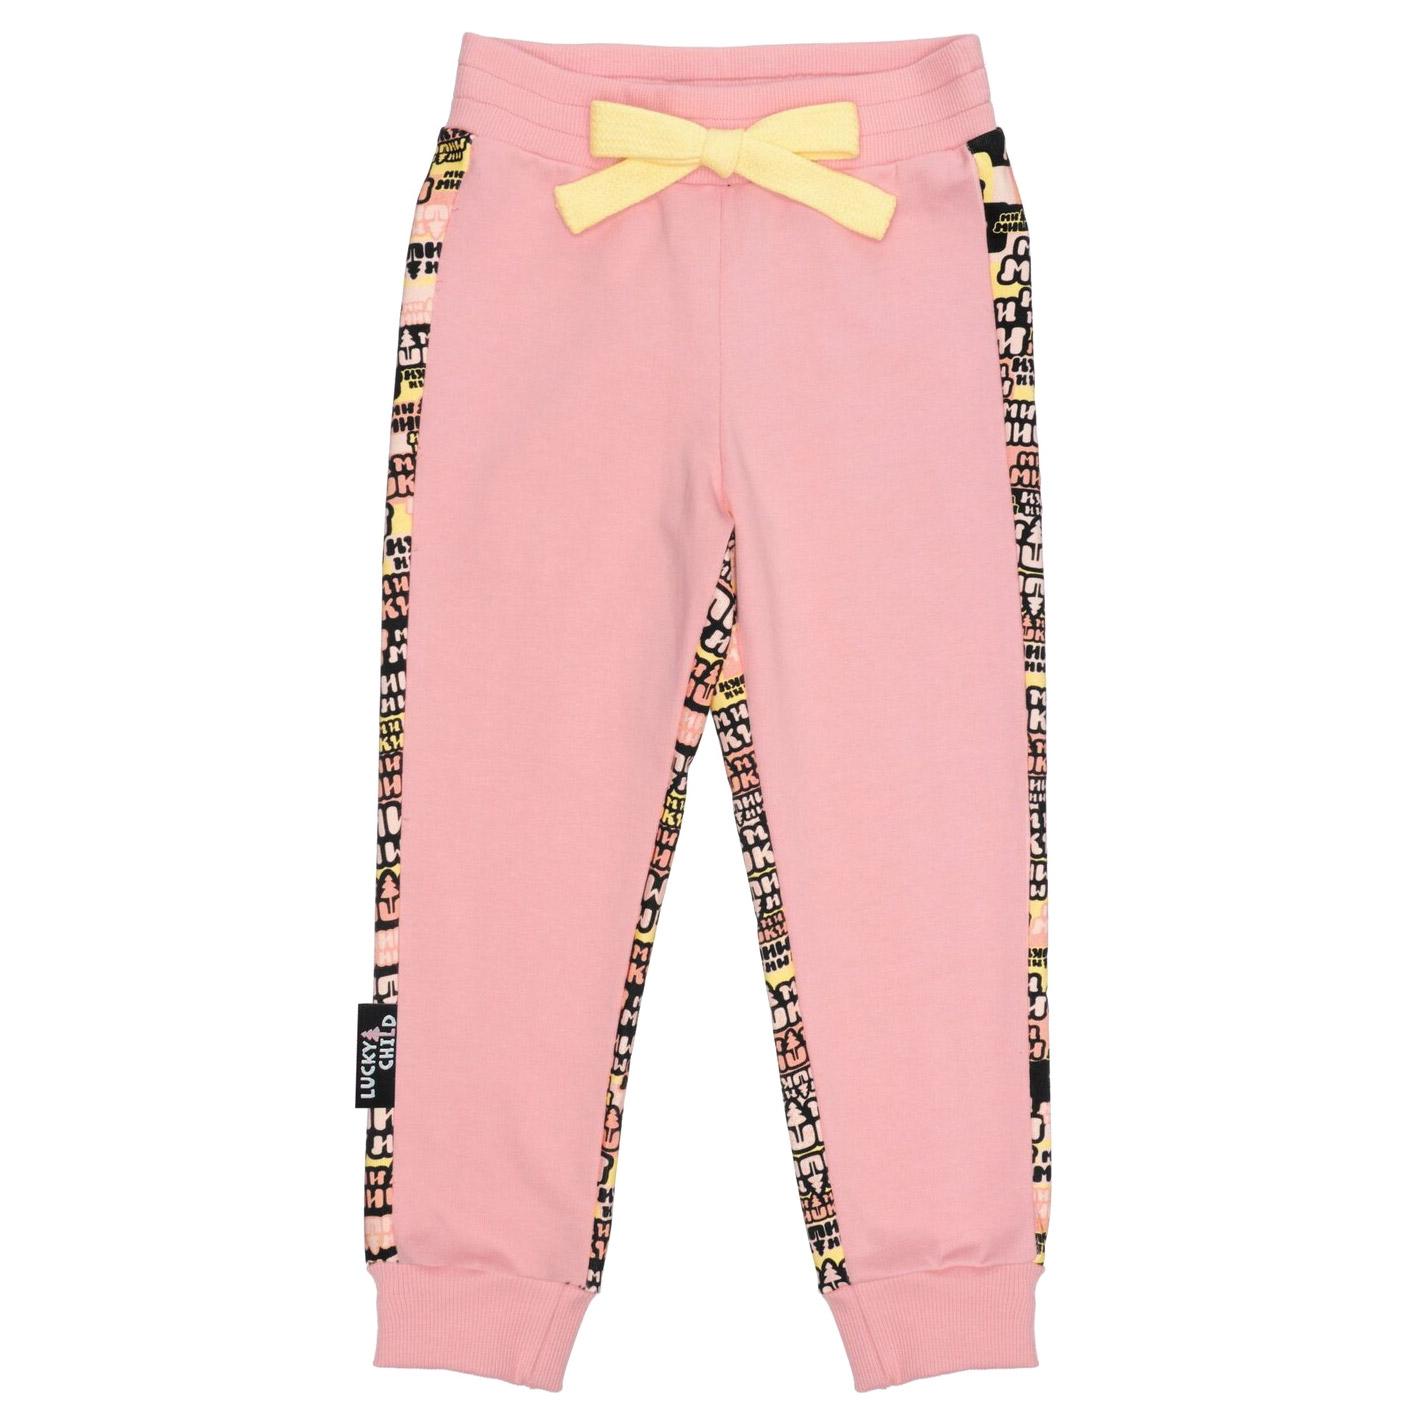 Купить Брюки Lucky Child Ми-ми-мишки розовые 98-104, Розовый, Футер, Для девочек, Осень-Зима,